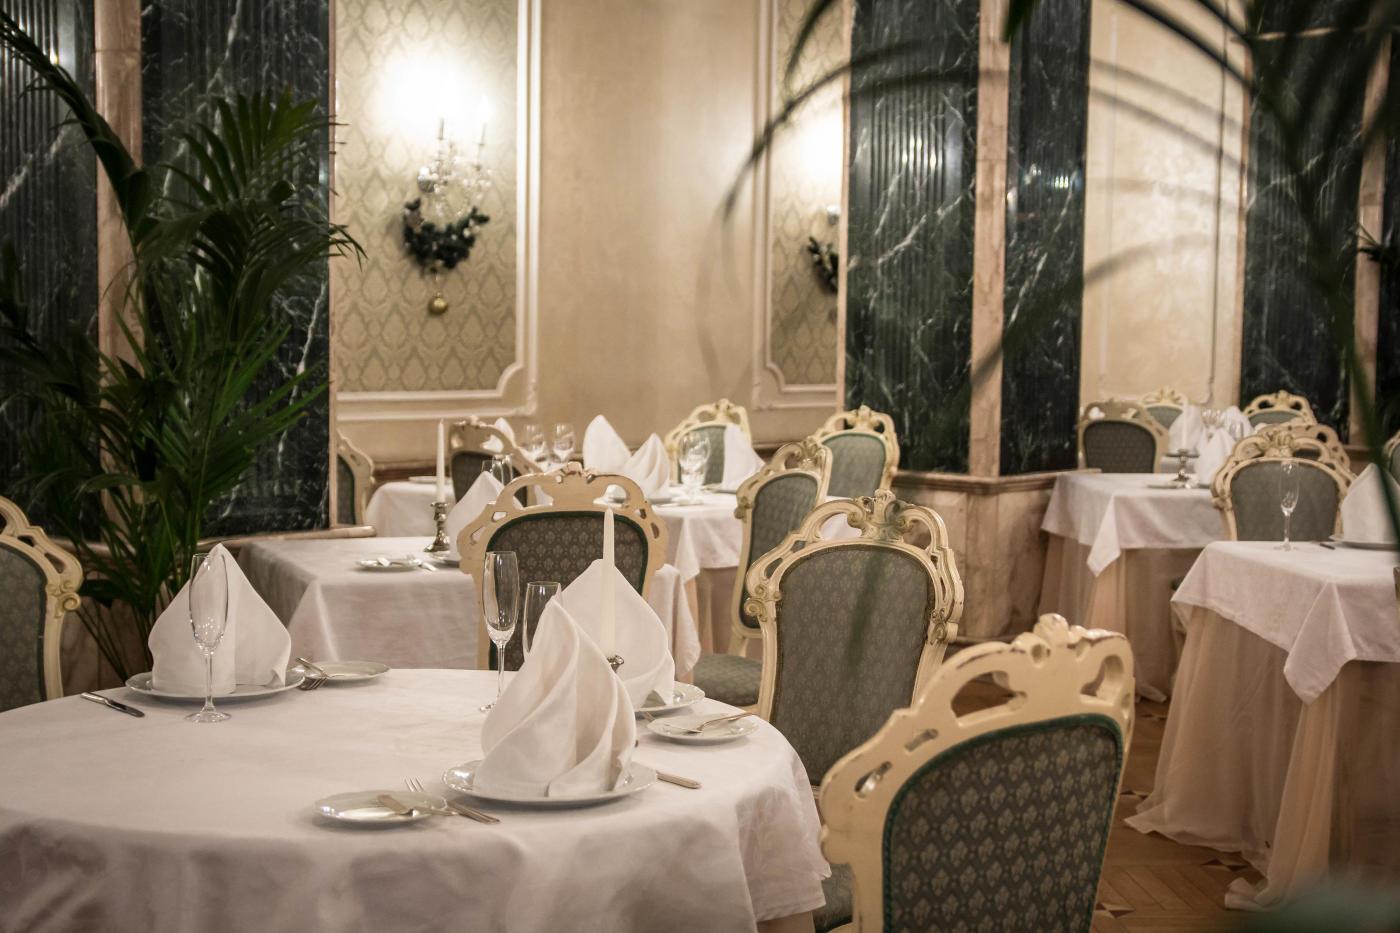 Ресторан Ривьера (Riviere) фото 4